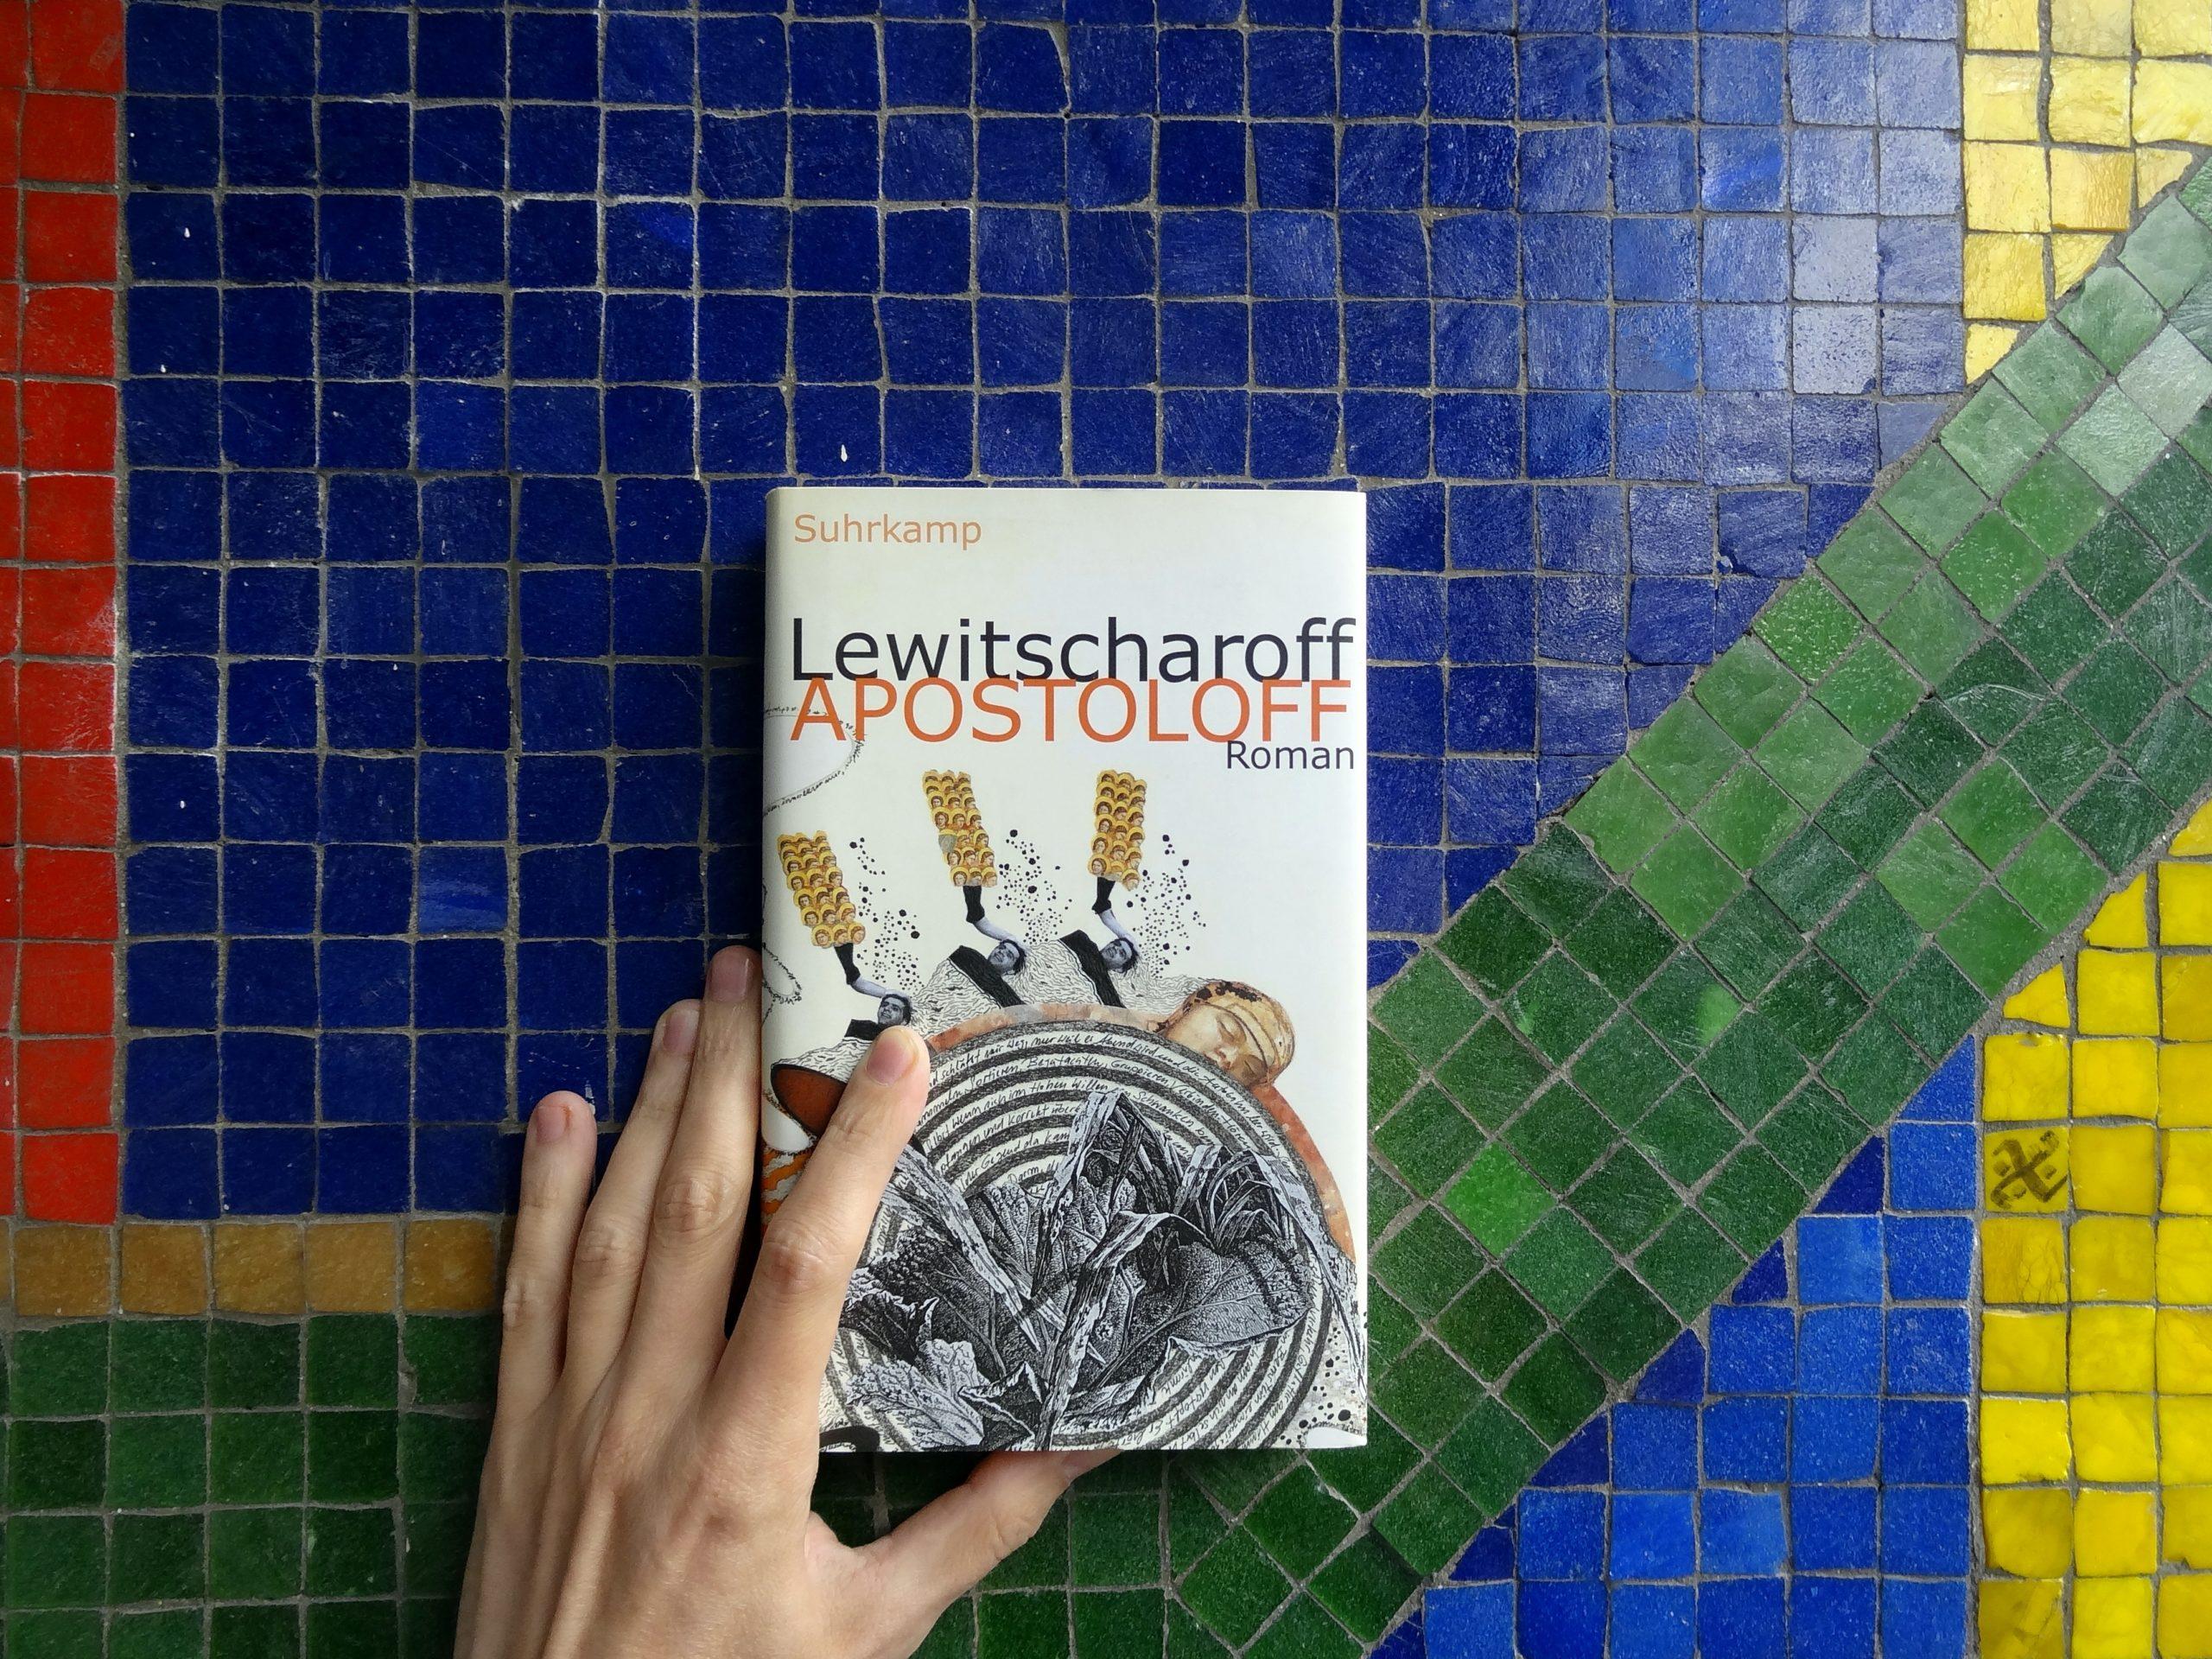 Tino Schlench - Literaturpalast - Sibylle Lewitscharoff - Apostoloff 4zu3